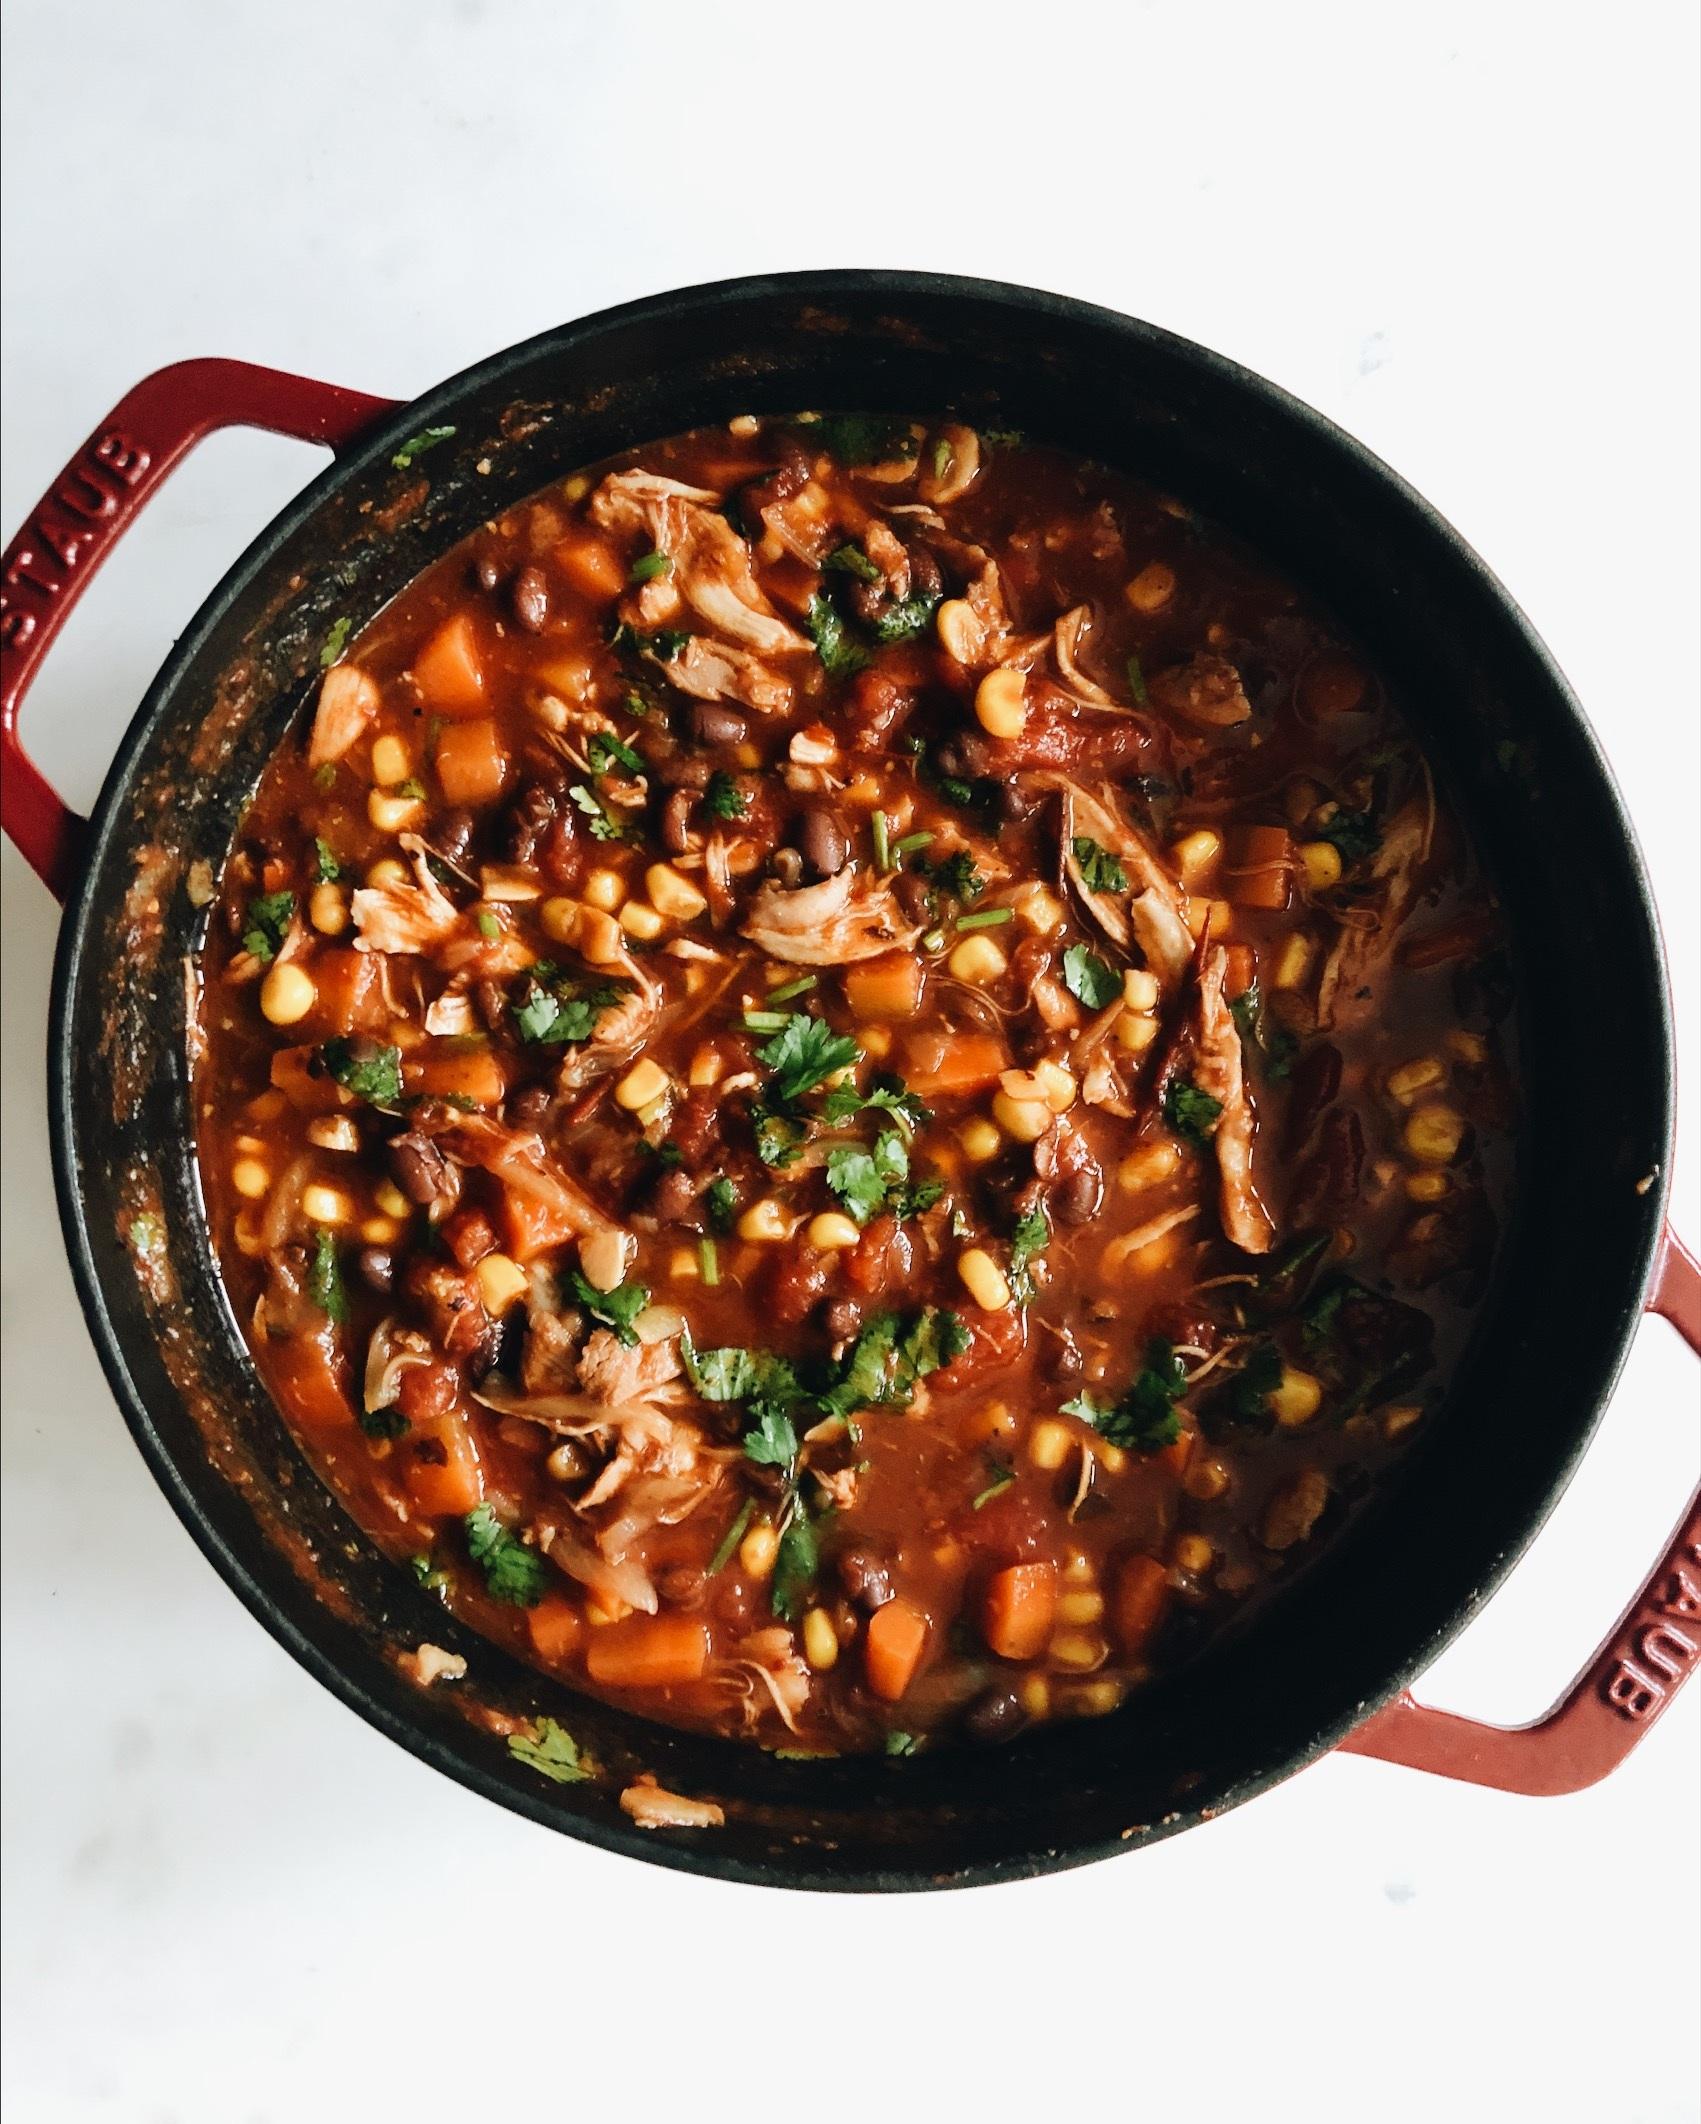 chipotle-chicken-black-bean-stew.jpg